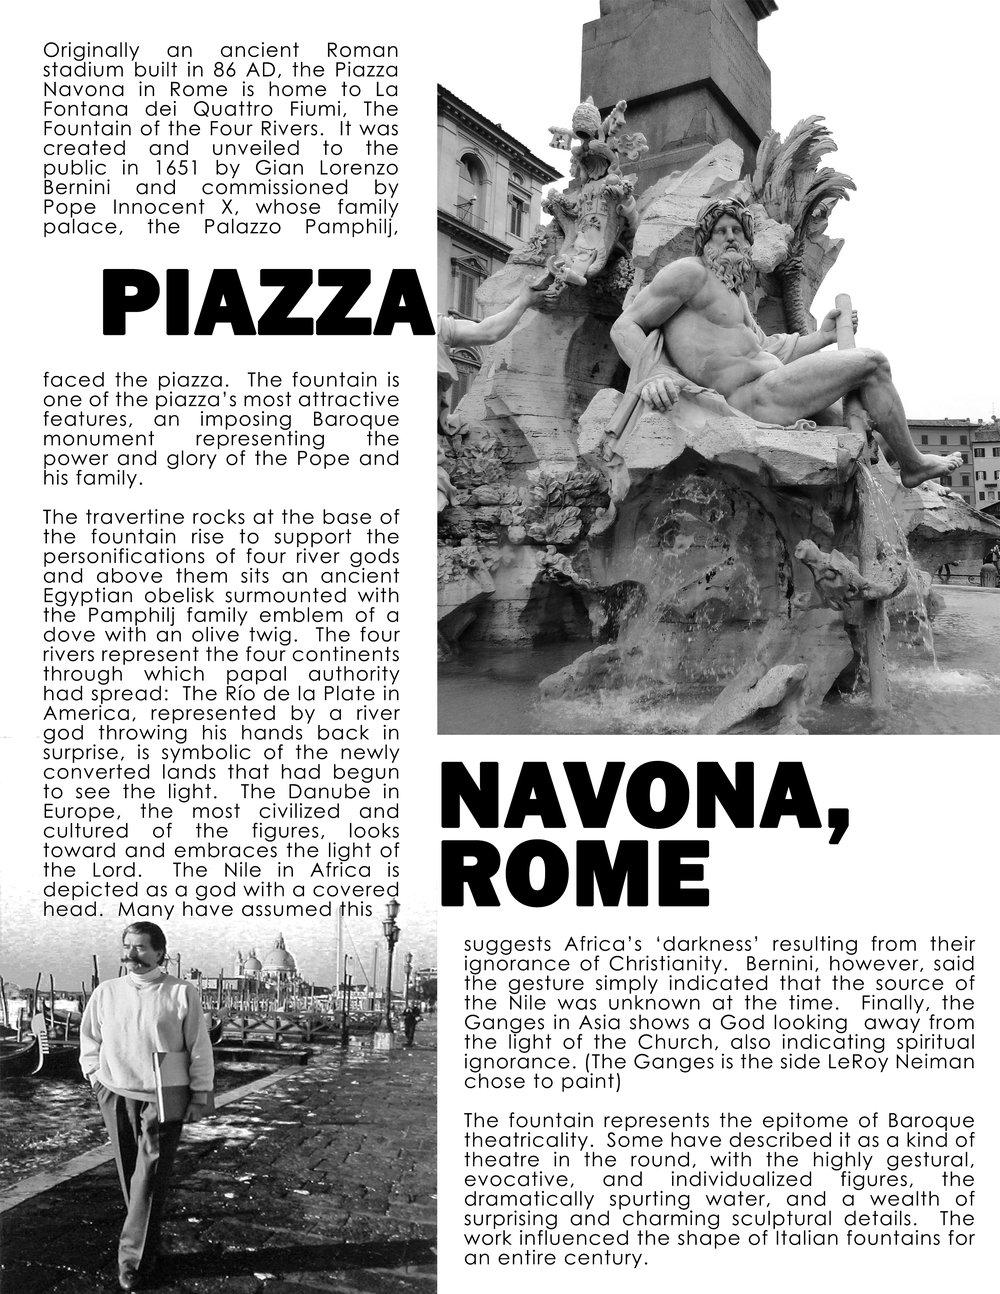 002_piazza navona 4.29.18.jpg